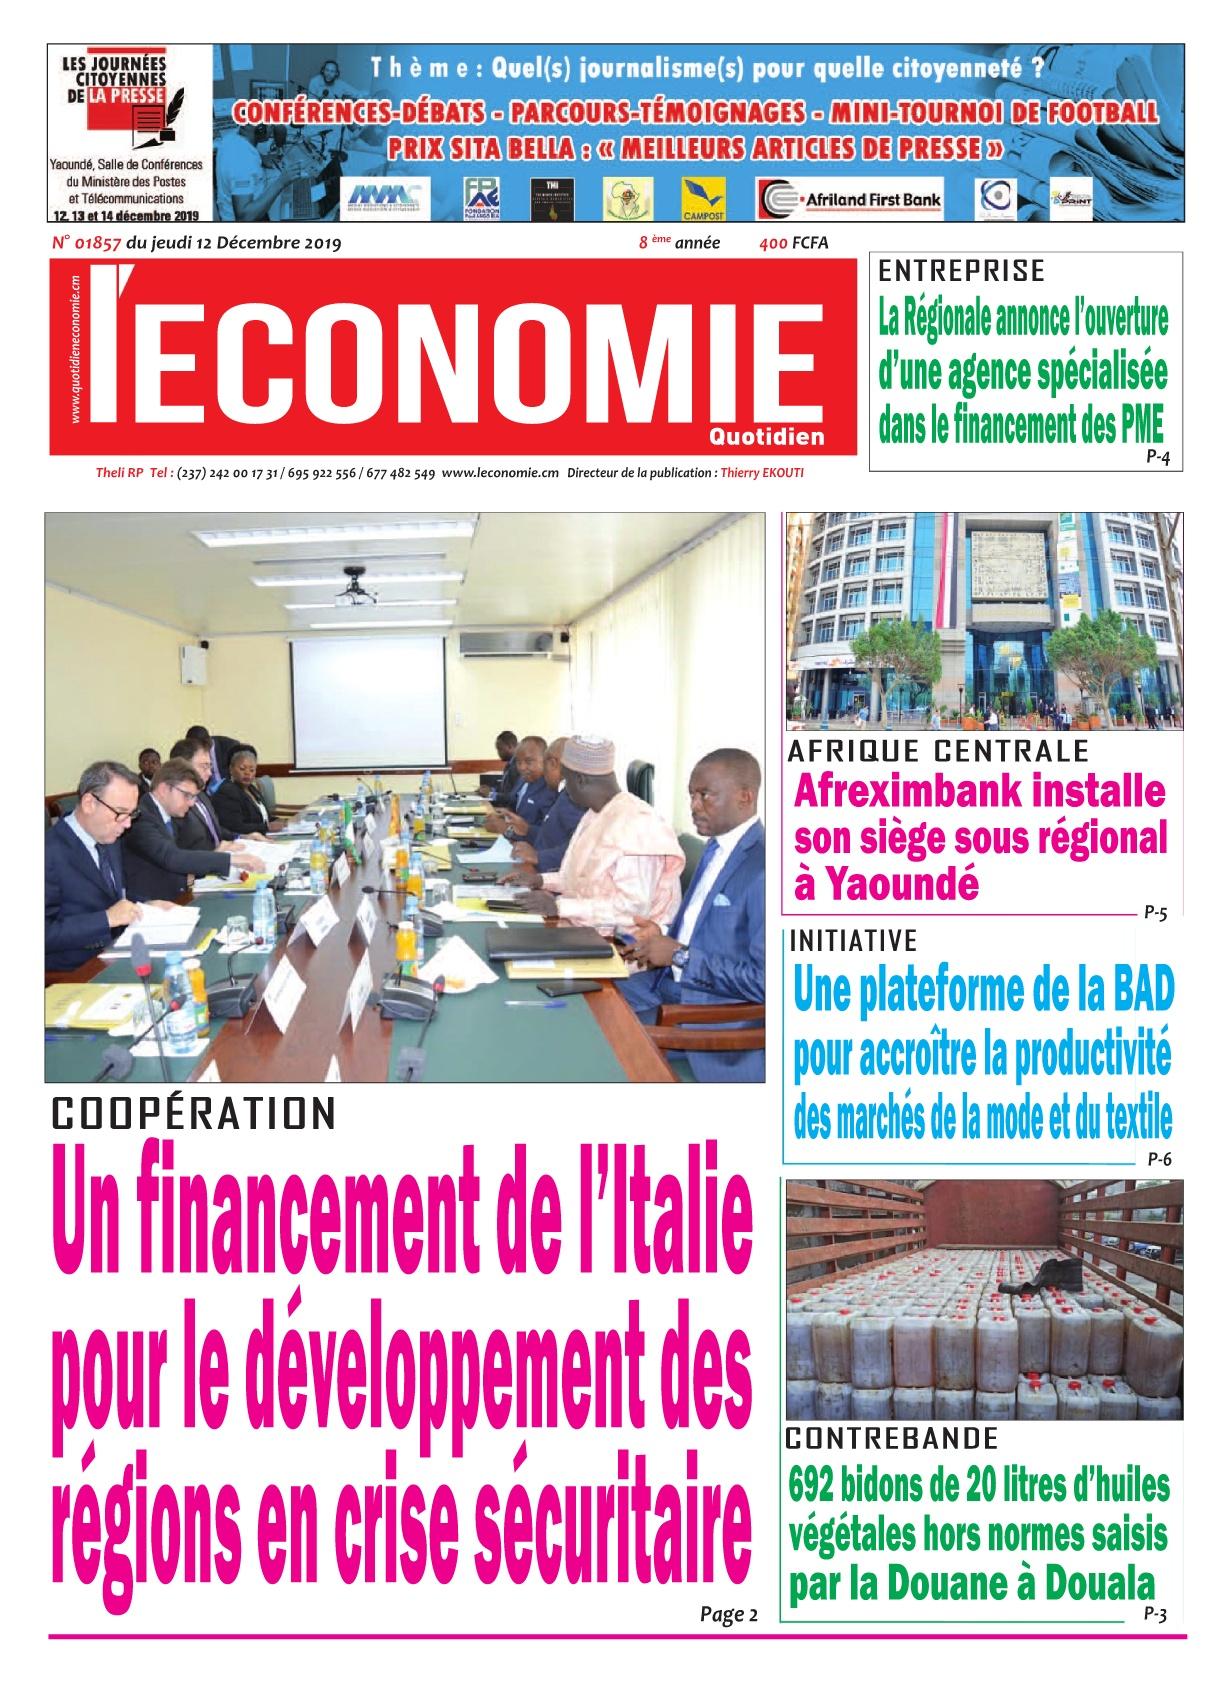 Le Quotidien de l'Economie - 12/12/2019